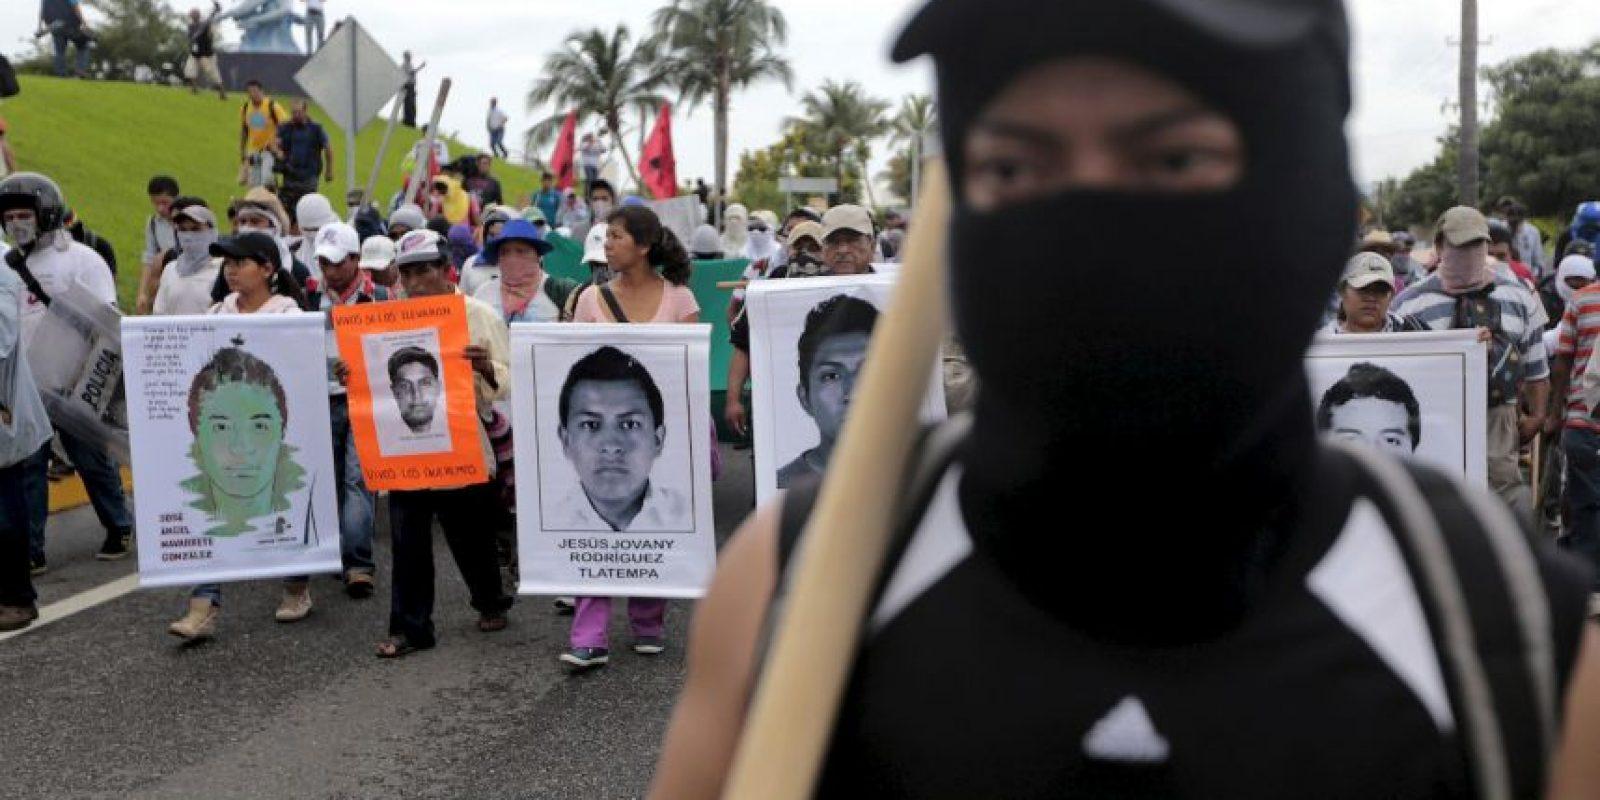 La pasada semana Murillo Karam ofreció una conferencia de prensa en la que estableció que los detenidos por el caso confesaron haber asesinado un gran número de personas y haberlos quemado en un vertedero. Foto:AFP